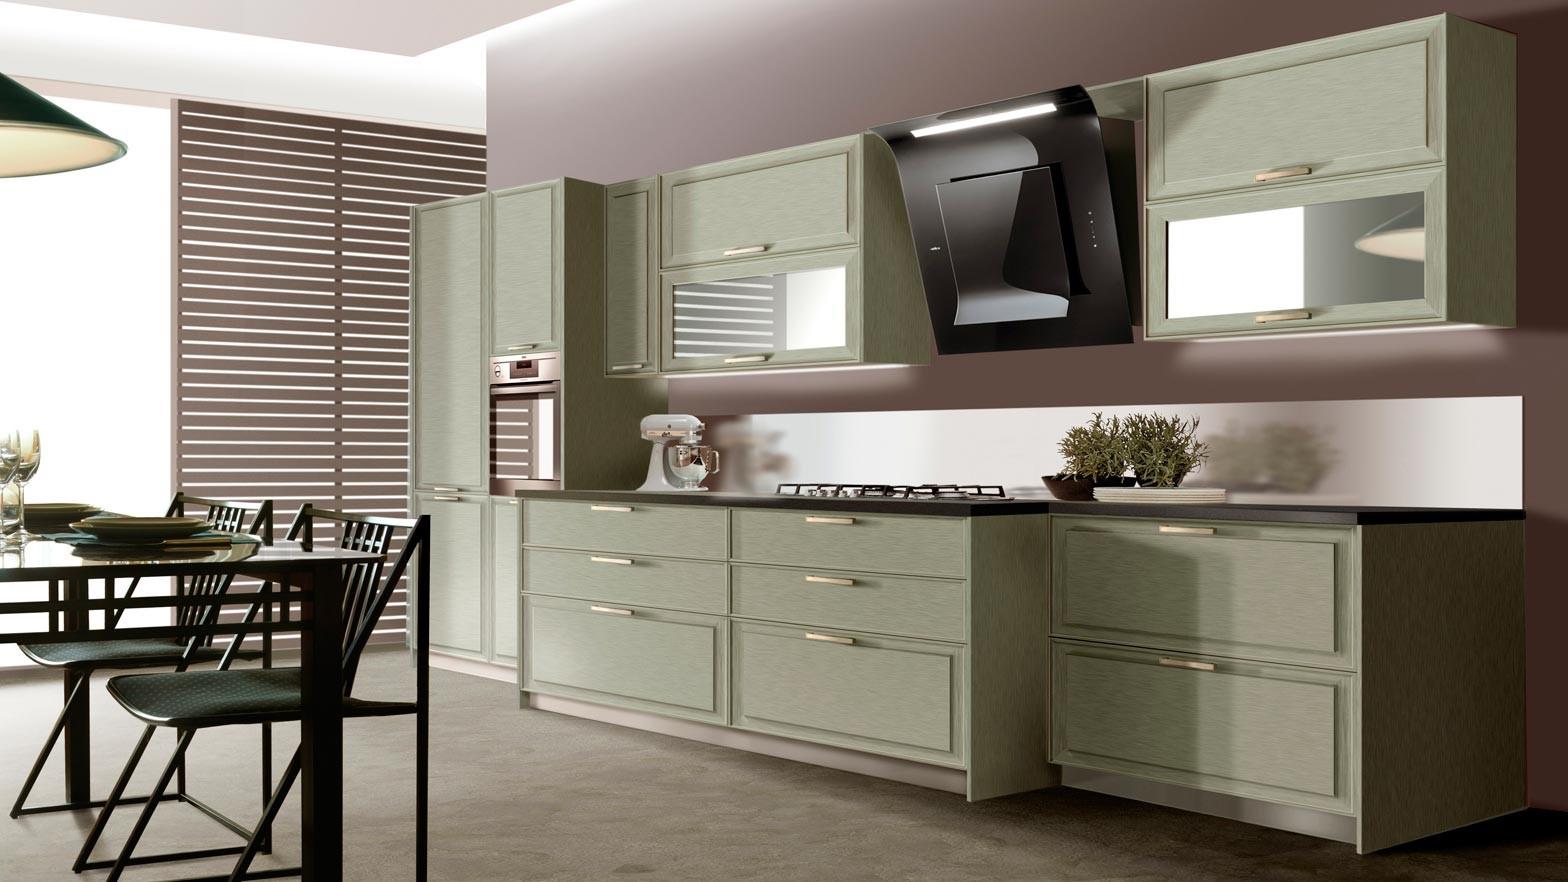 Madera 2 tienda de cocinas en collado villalba muebles for Almacen para cocina